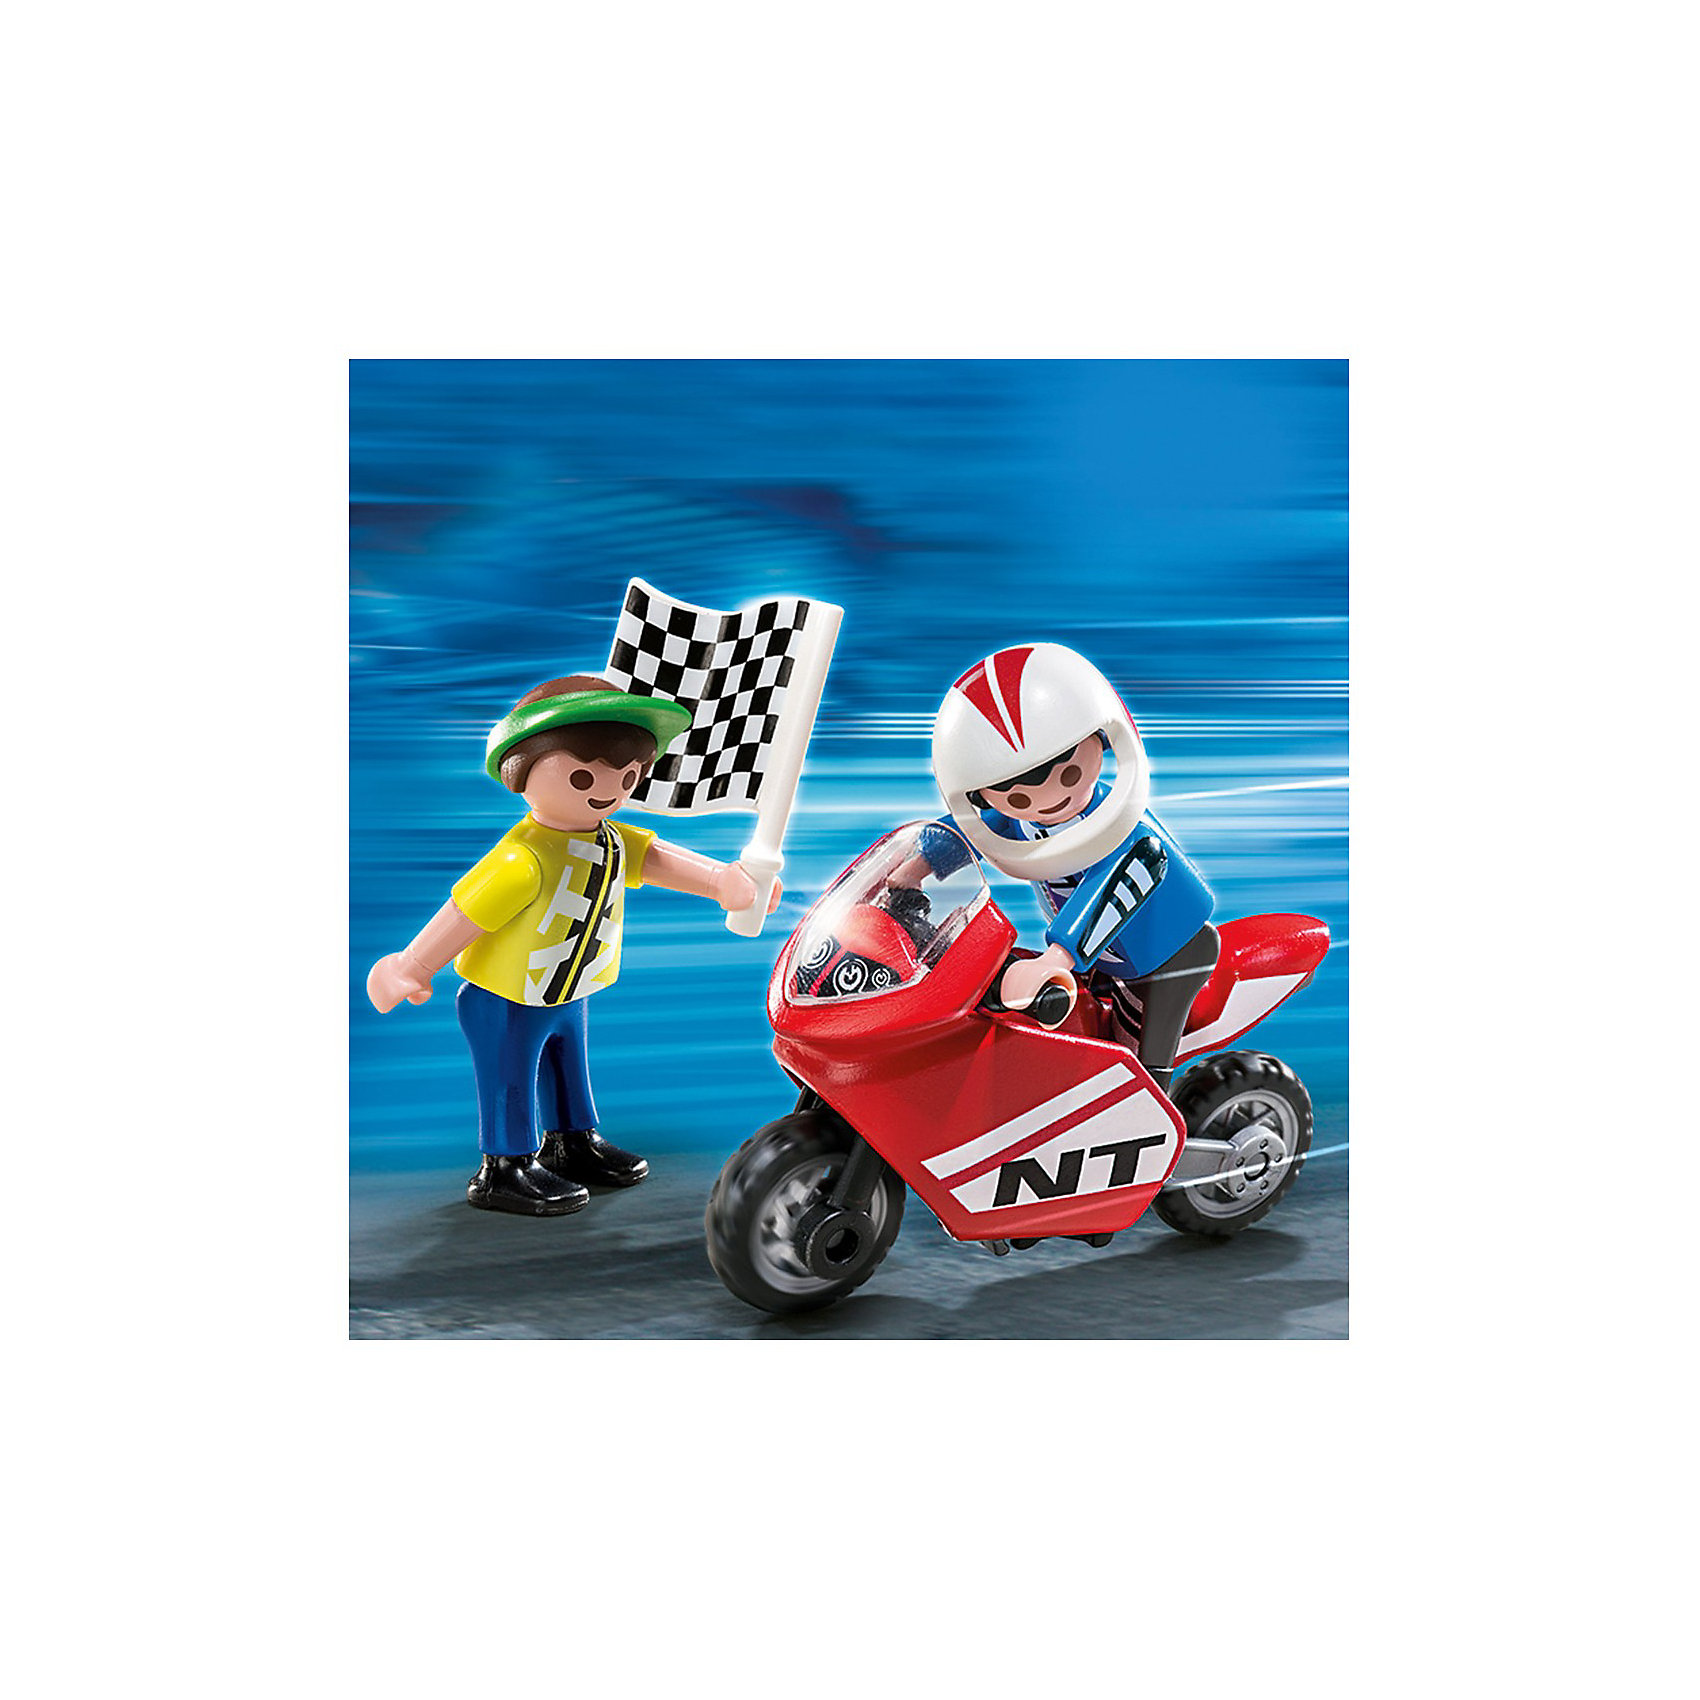 Экстра-набор: Мальчики с гоночным мотоциклом, PLAYMOBILПластмассовые конструкторы<br>Конструктор PLAYMOBIL (Плеймобил) 4780 Дополнение: Мальчики с гоночным мотоциклом - прекрасная возможность для ребенка проявить свой творческий потенциал! Серия Дополнение создана специально, чтобы сделать игры с Вашими конструкторами PLAYMOBIL (Плеймобил) еще интереснее. Мальчики с гоночным мотоциклом станут прекрасным дополнением к наборам из серии Гонки от PLAYMOBIL (Плеймобил). Стартовый флажок взмахнет вверх и гонка началась! Гонять на спортивном мотоцикле - мечта всех мальчишек. Надень шлем и выполняй самые захватывающие трюки с конструктором PLAYMOBIL (Плеймобил) 4780 Дополнение: Мальчики с гоночным мотоциклом.<br><br>Дополнительная информация:<br><br>- Конструкторы PLAYMOBIL (Плеймобил) отлично развивают мелкую моторику, фантазию и воображение;<br>- В наборе: 2 минифигурки (гонщик и стартер), мотоцикл, шлем, флажок;<br>- Количество деталей: 13 шт;<br>- Материал: безопасный пластик;<br>- Размер минифигурок: 5,2 см;<br>- Размер упаковки: 14 х 10 х 4 см<br><br>Конструктор PLAYMOBIL (Плеймобил) 4780 Дополнение: Мальчики с гоночным мотоциклом можно купить в нашем интернет-магазине.<br><br>Ширина мм: 145<br>Глубина мм: 101<br>Высота мм: 38<br>Вес г: 51<br>Возраст от месяцев: 48<br>Возраст до месяцев: 120<br>Пол: Мужской<br>Возраст: Детский<br>SKU: 3350683